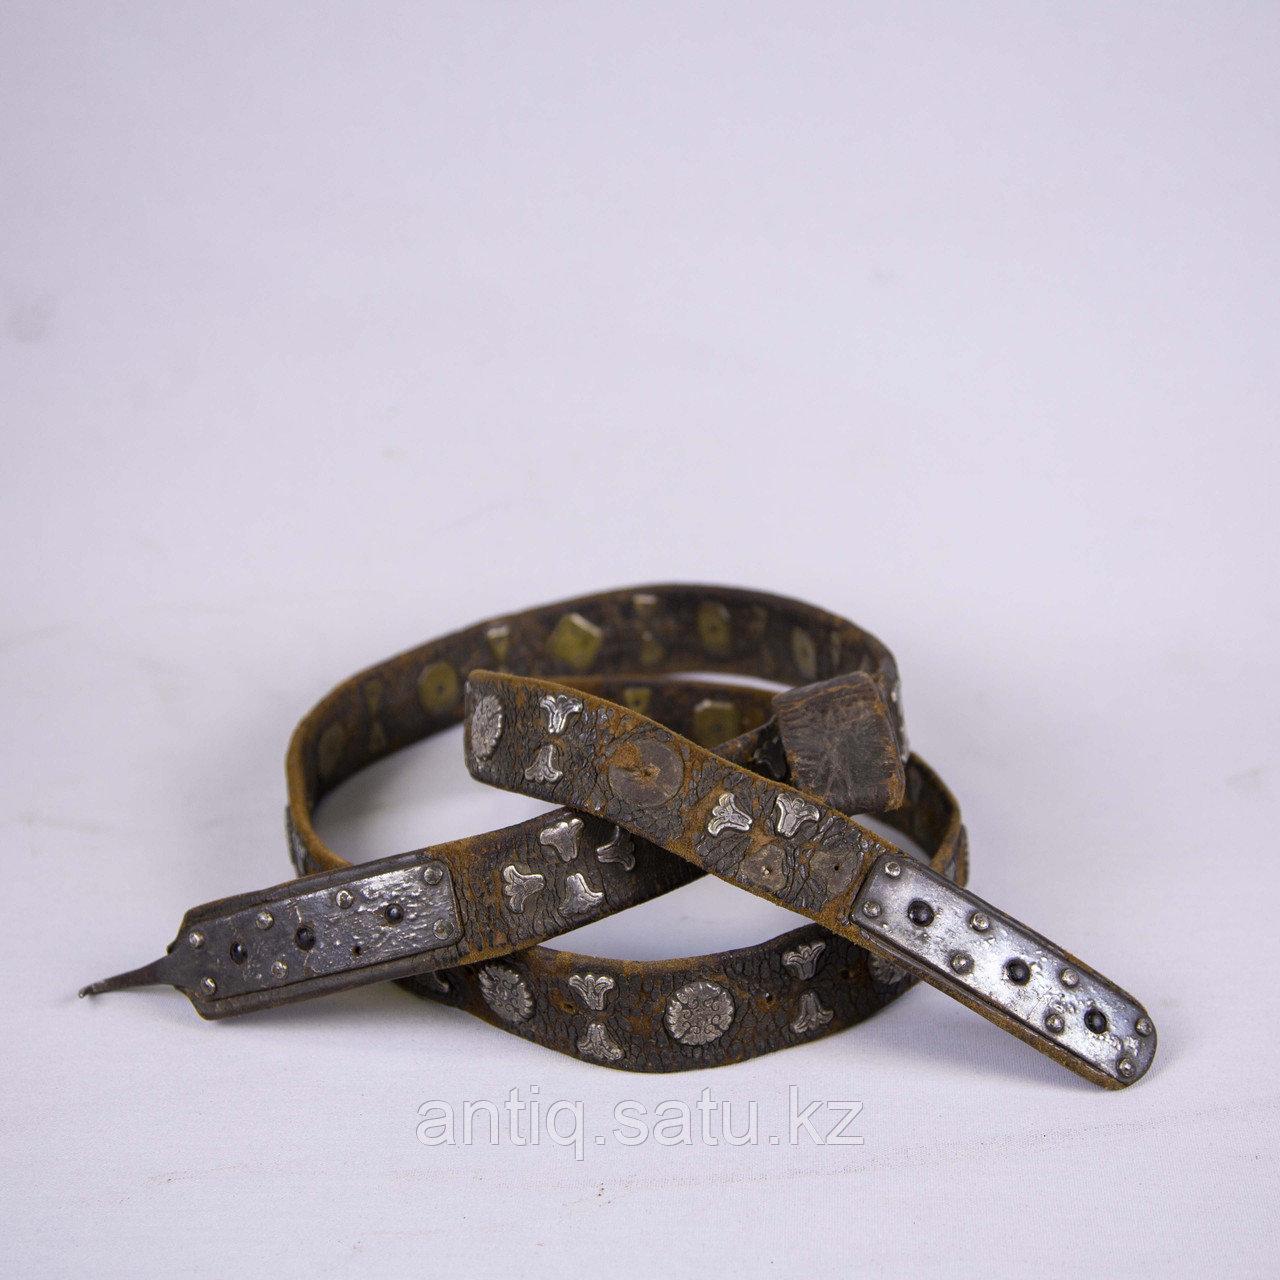 Кисе-белдик национальный Казахский охотничий пояс. Кожа, шитье, металл, ковка, серебро, насечка серебро - фото 1